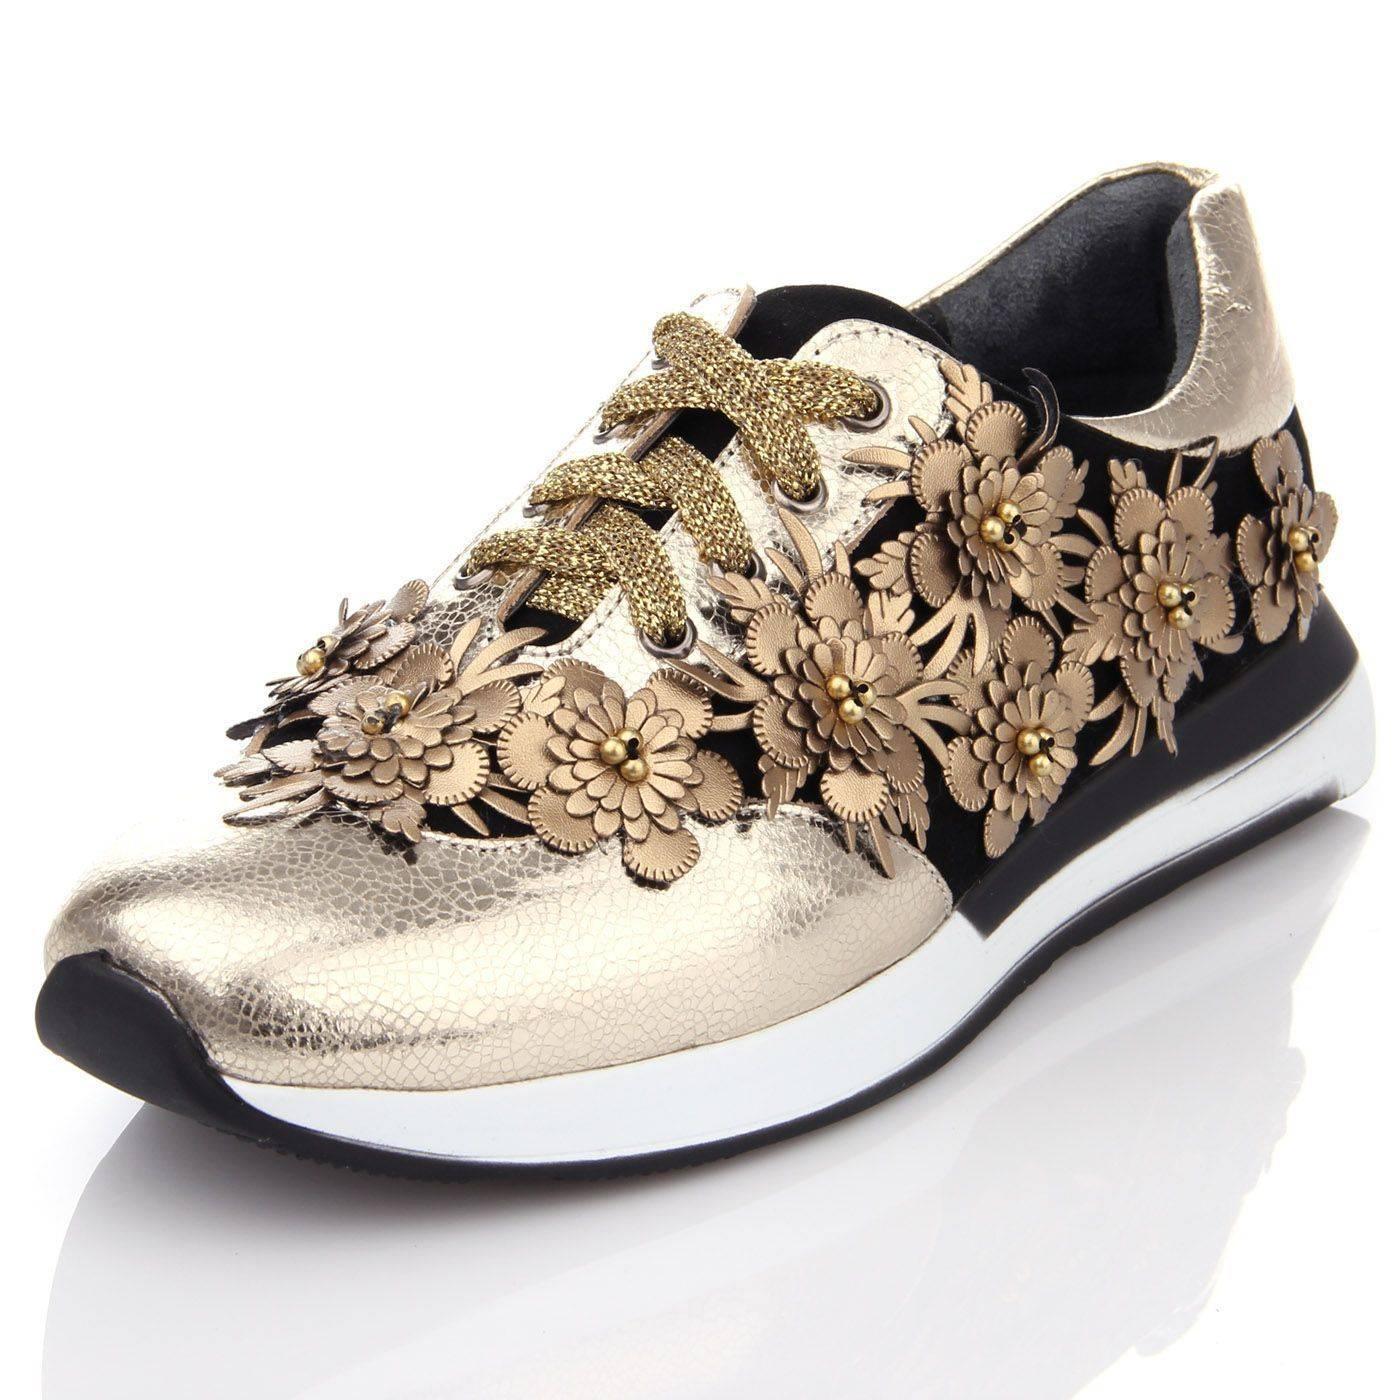 Кросівки жіночі La Pinta 5069 Золотий купить по выгодной цене в ... a64bdba2c8568